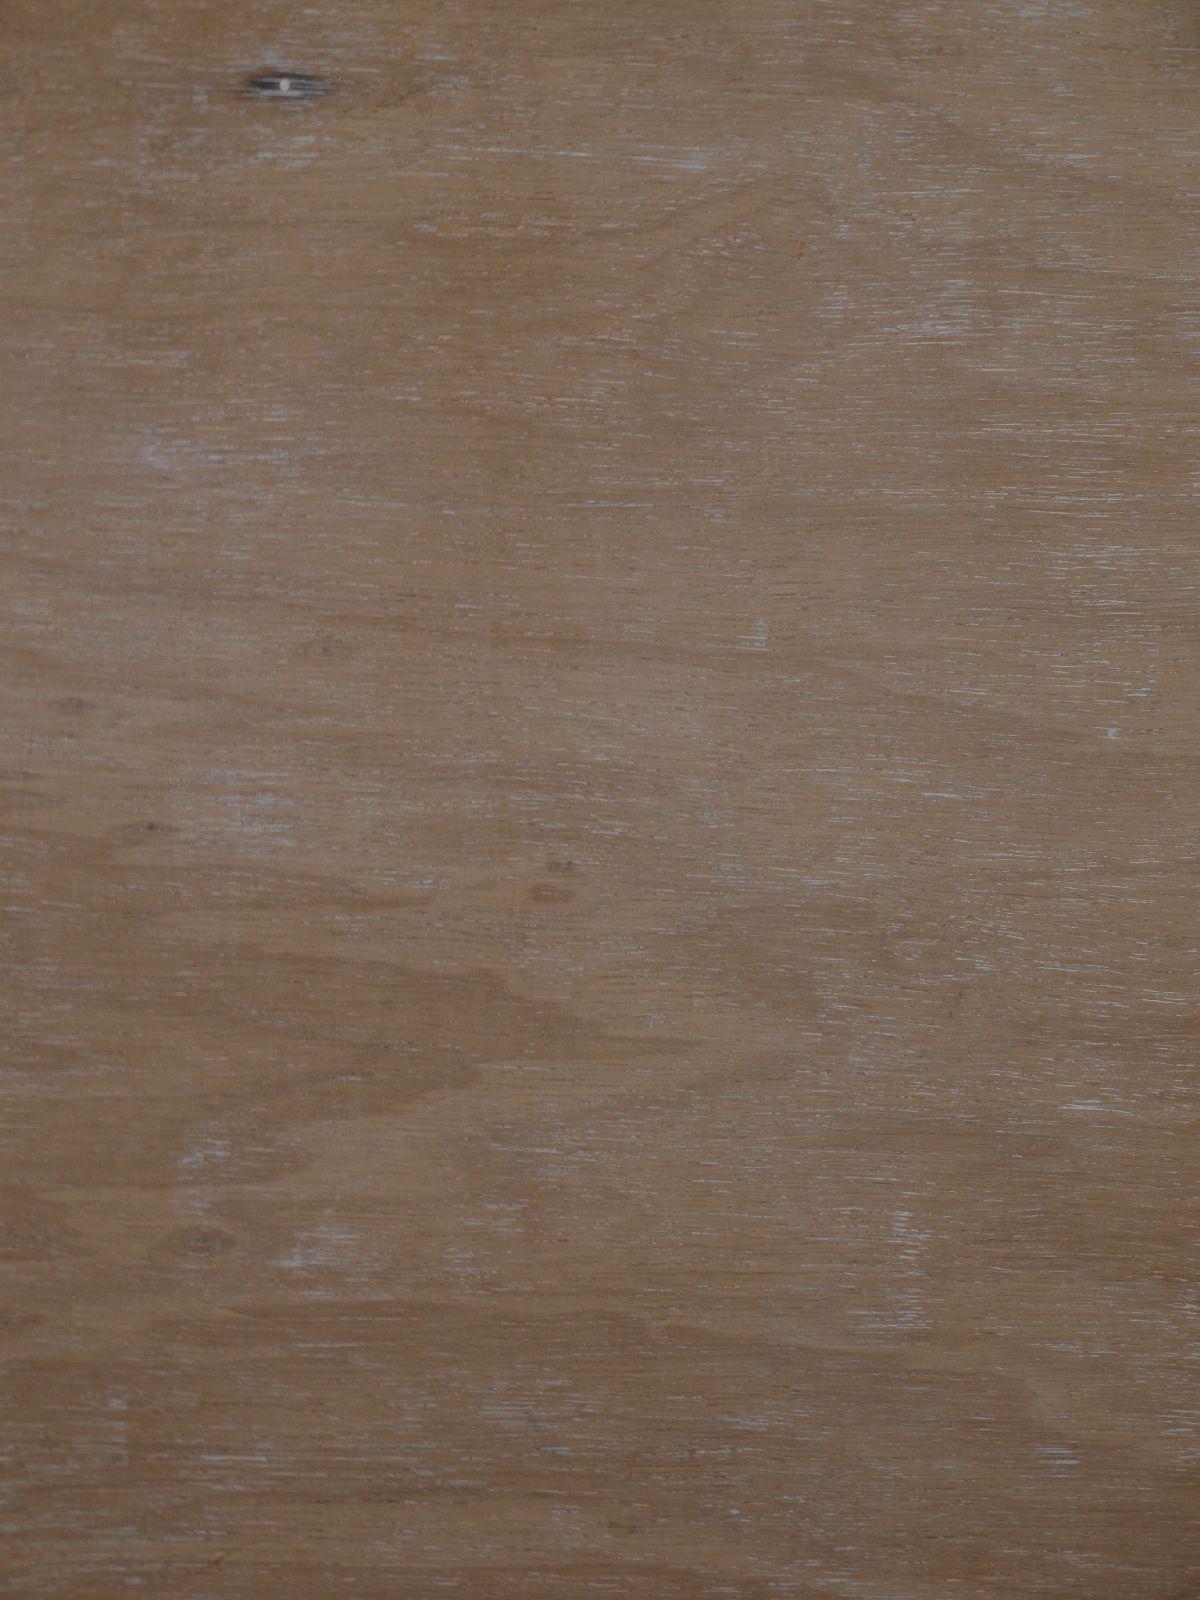 Holz_Textur_A_P9209808